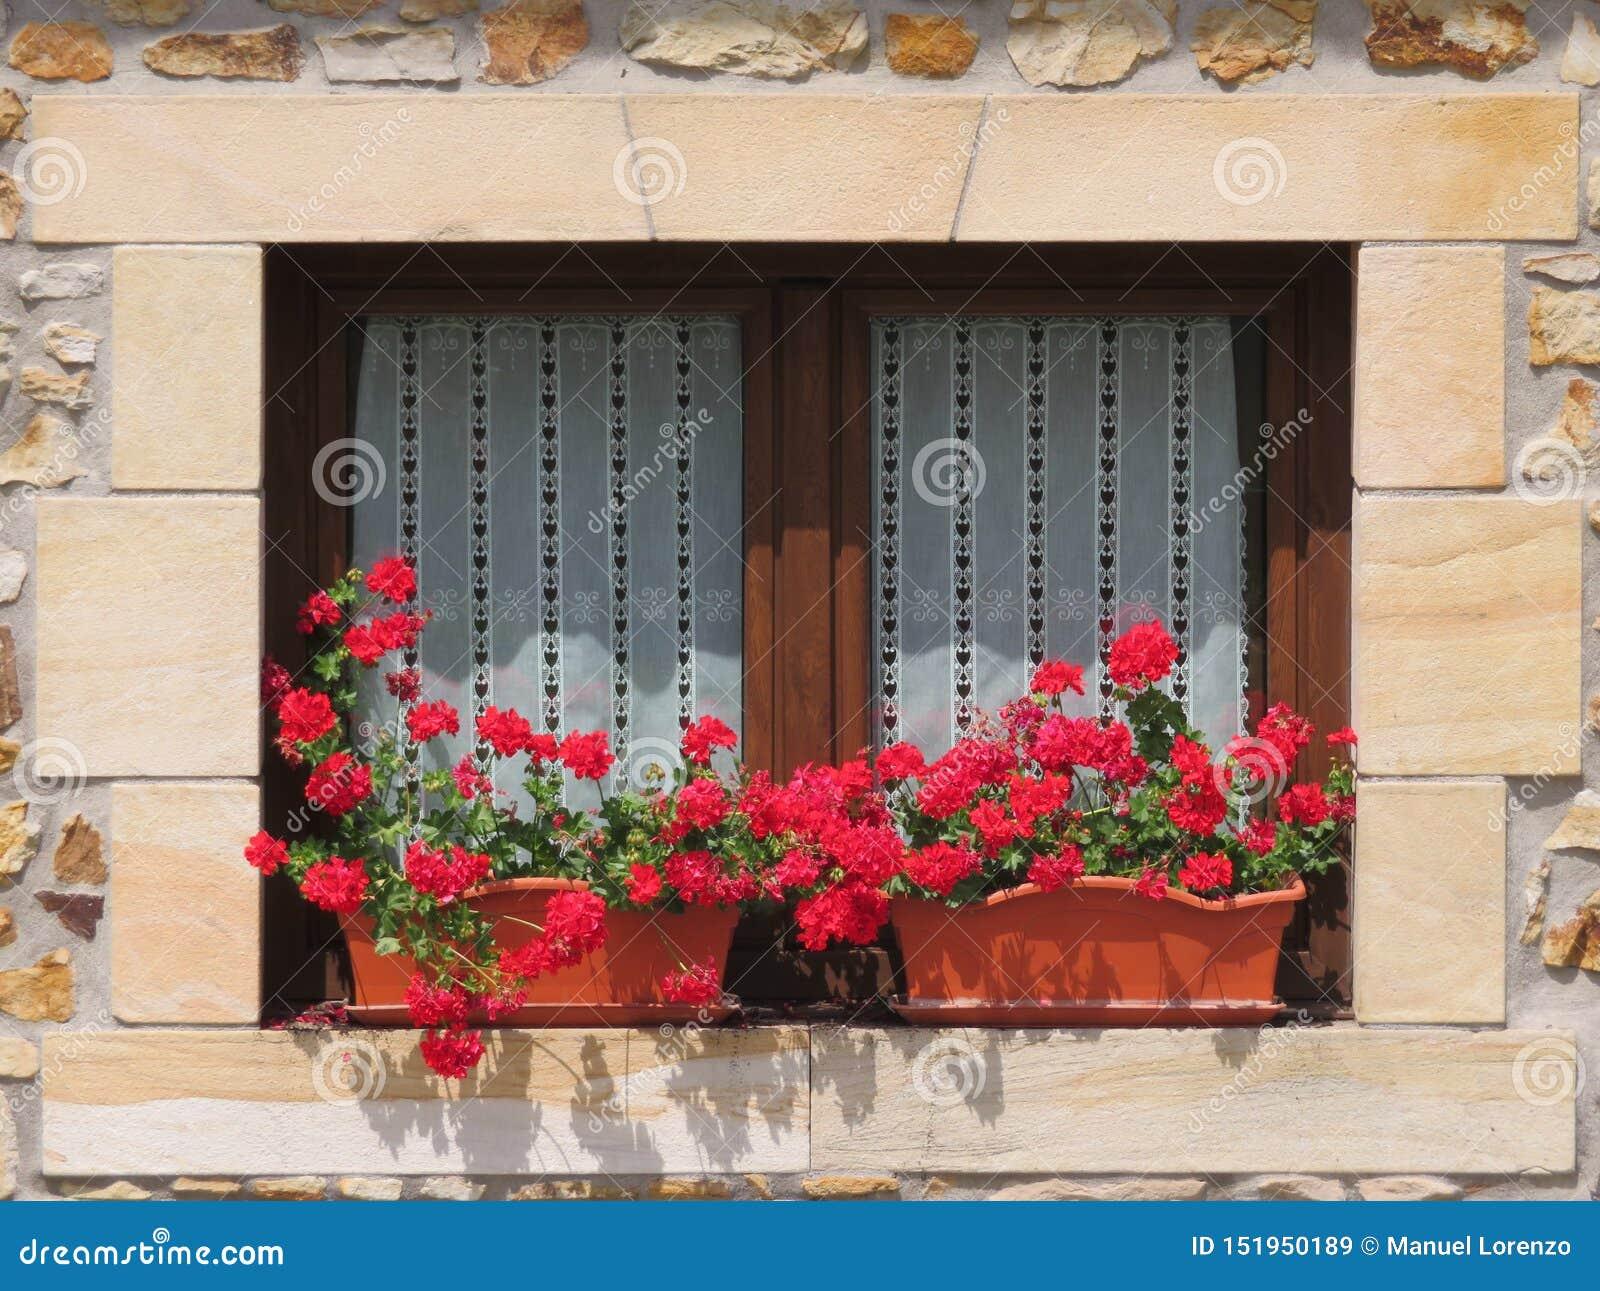 Schönes hölzernes Fenster verziert mit roten Blumen von intensiven Farben